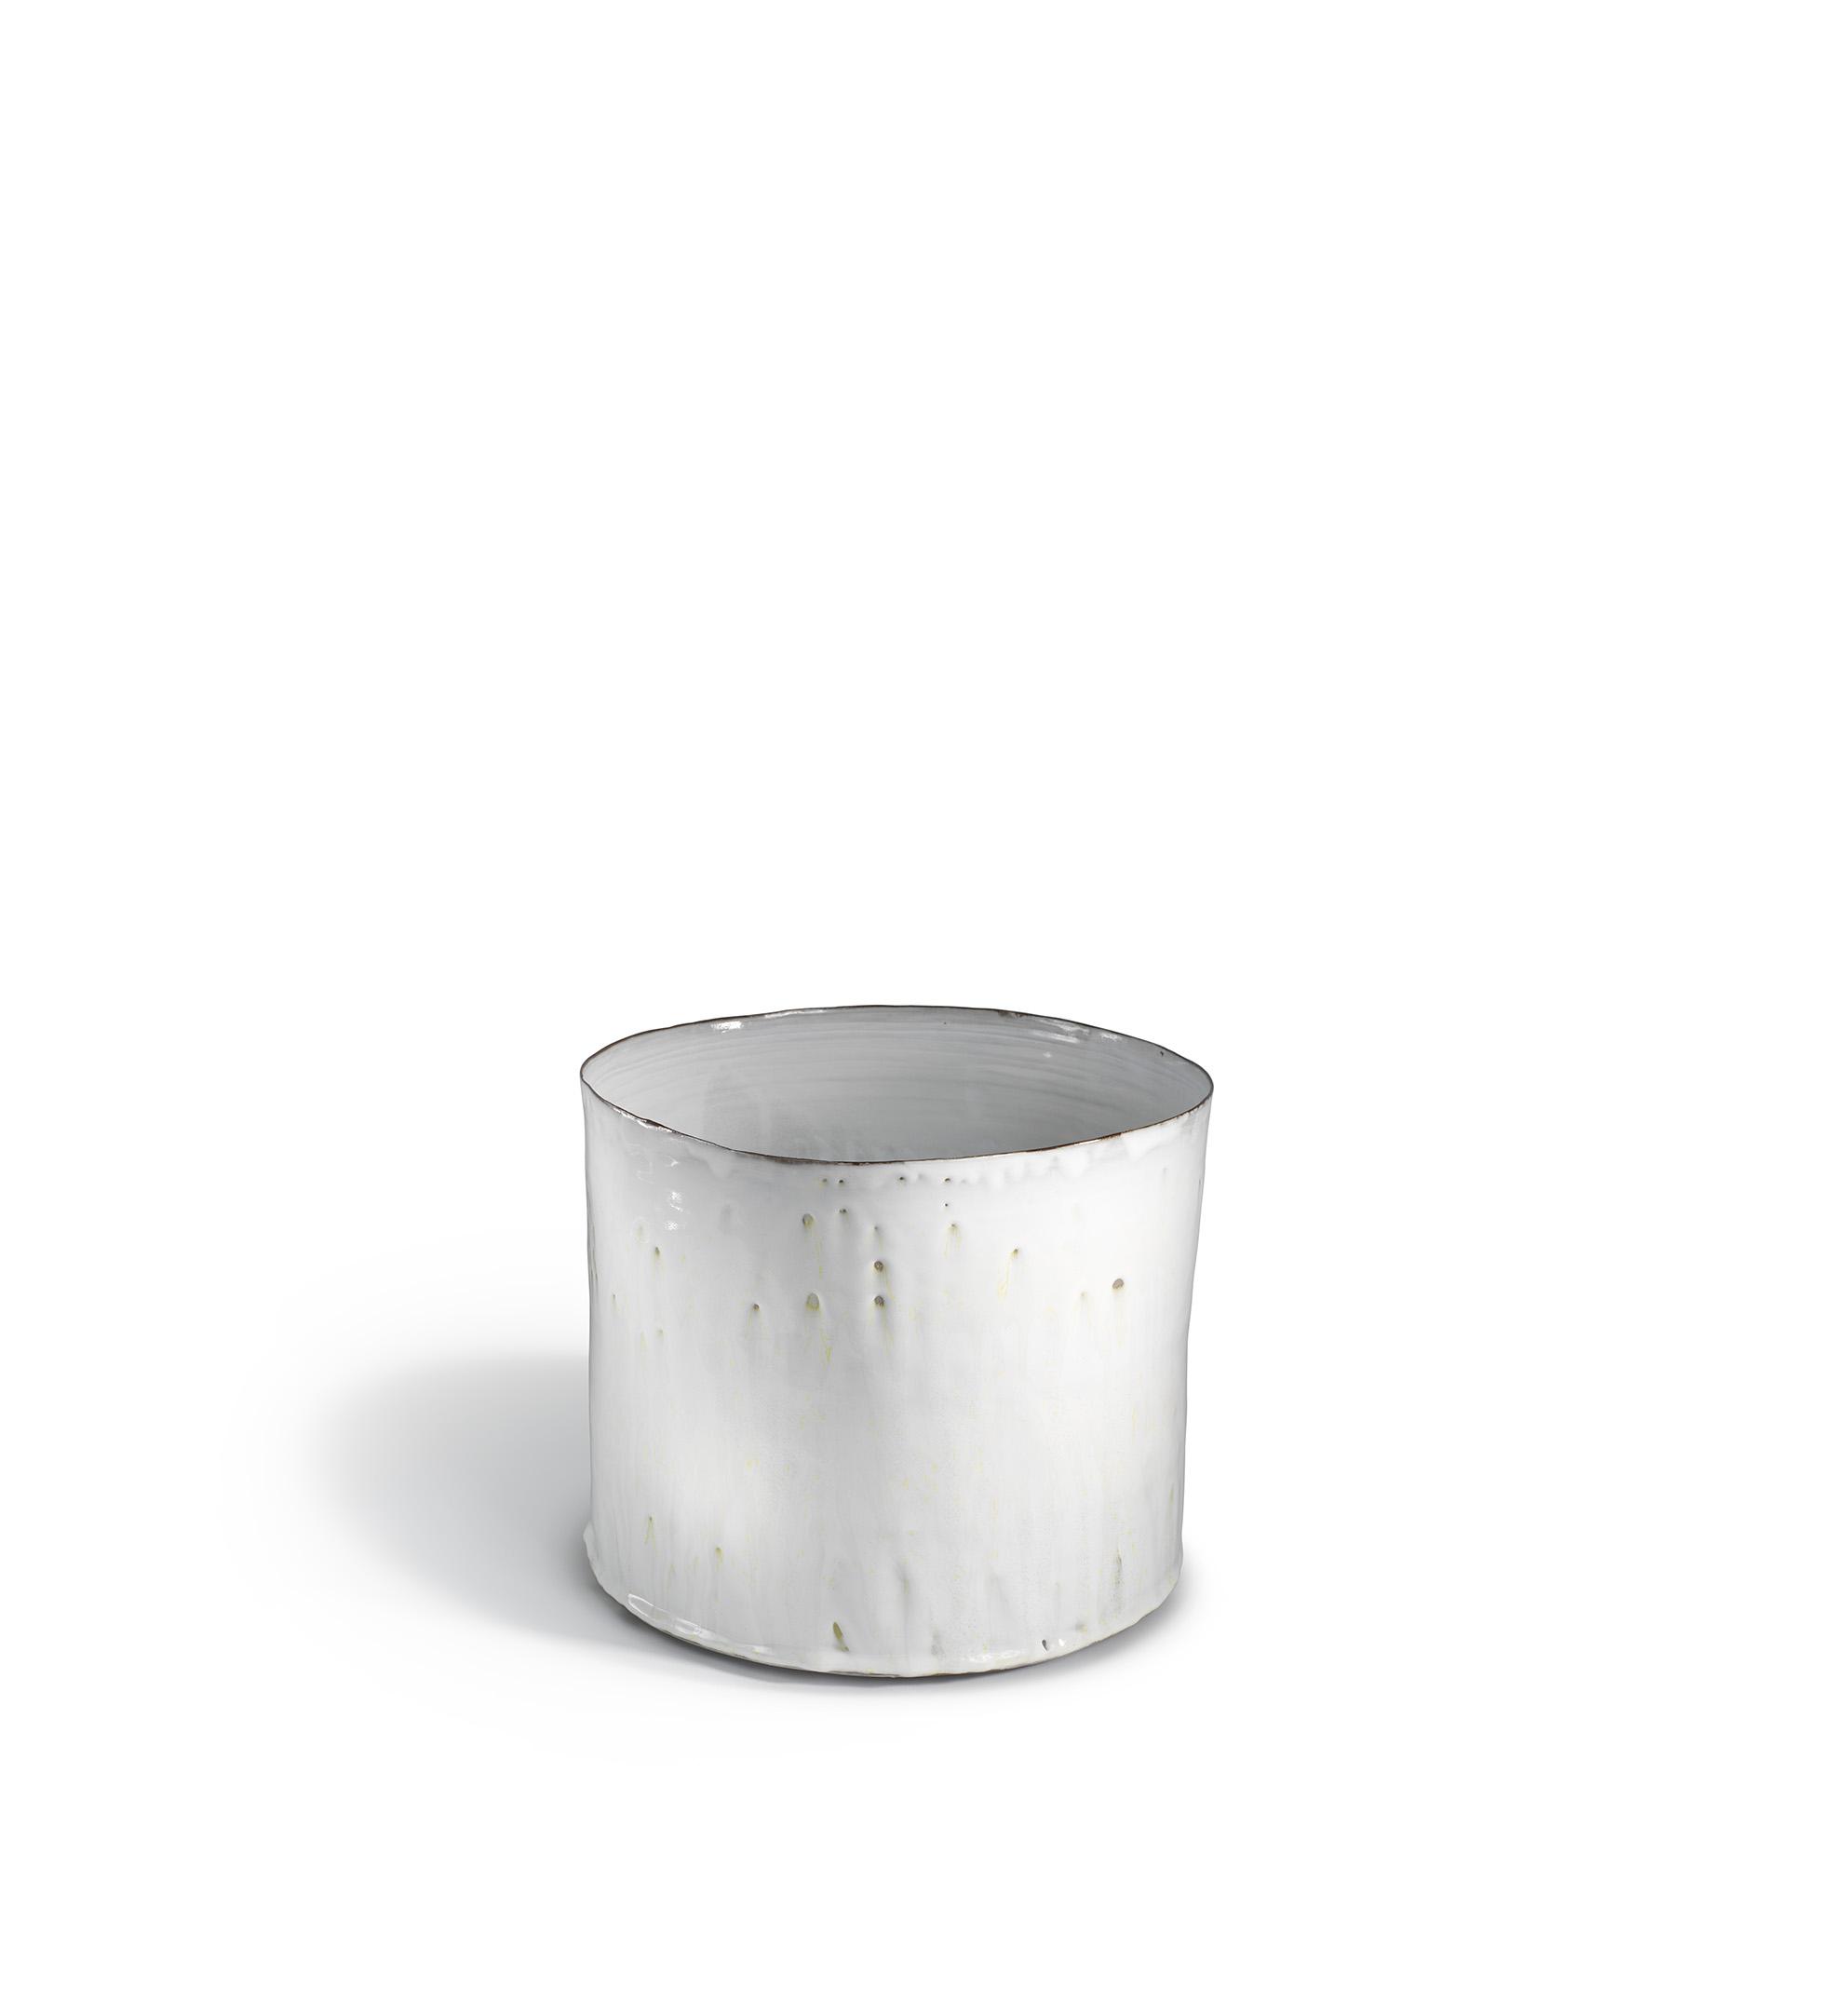 """Gunilla Maria Åkesson, Sweden """"Container"""", red stoneware, 310 x 310 x 260 mm (2016)"""